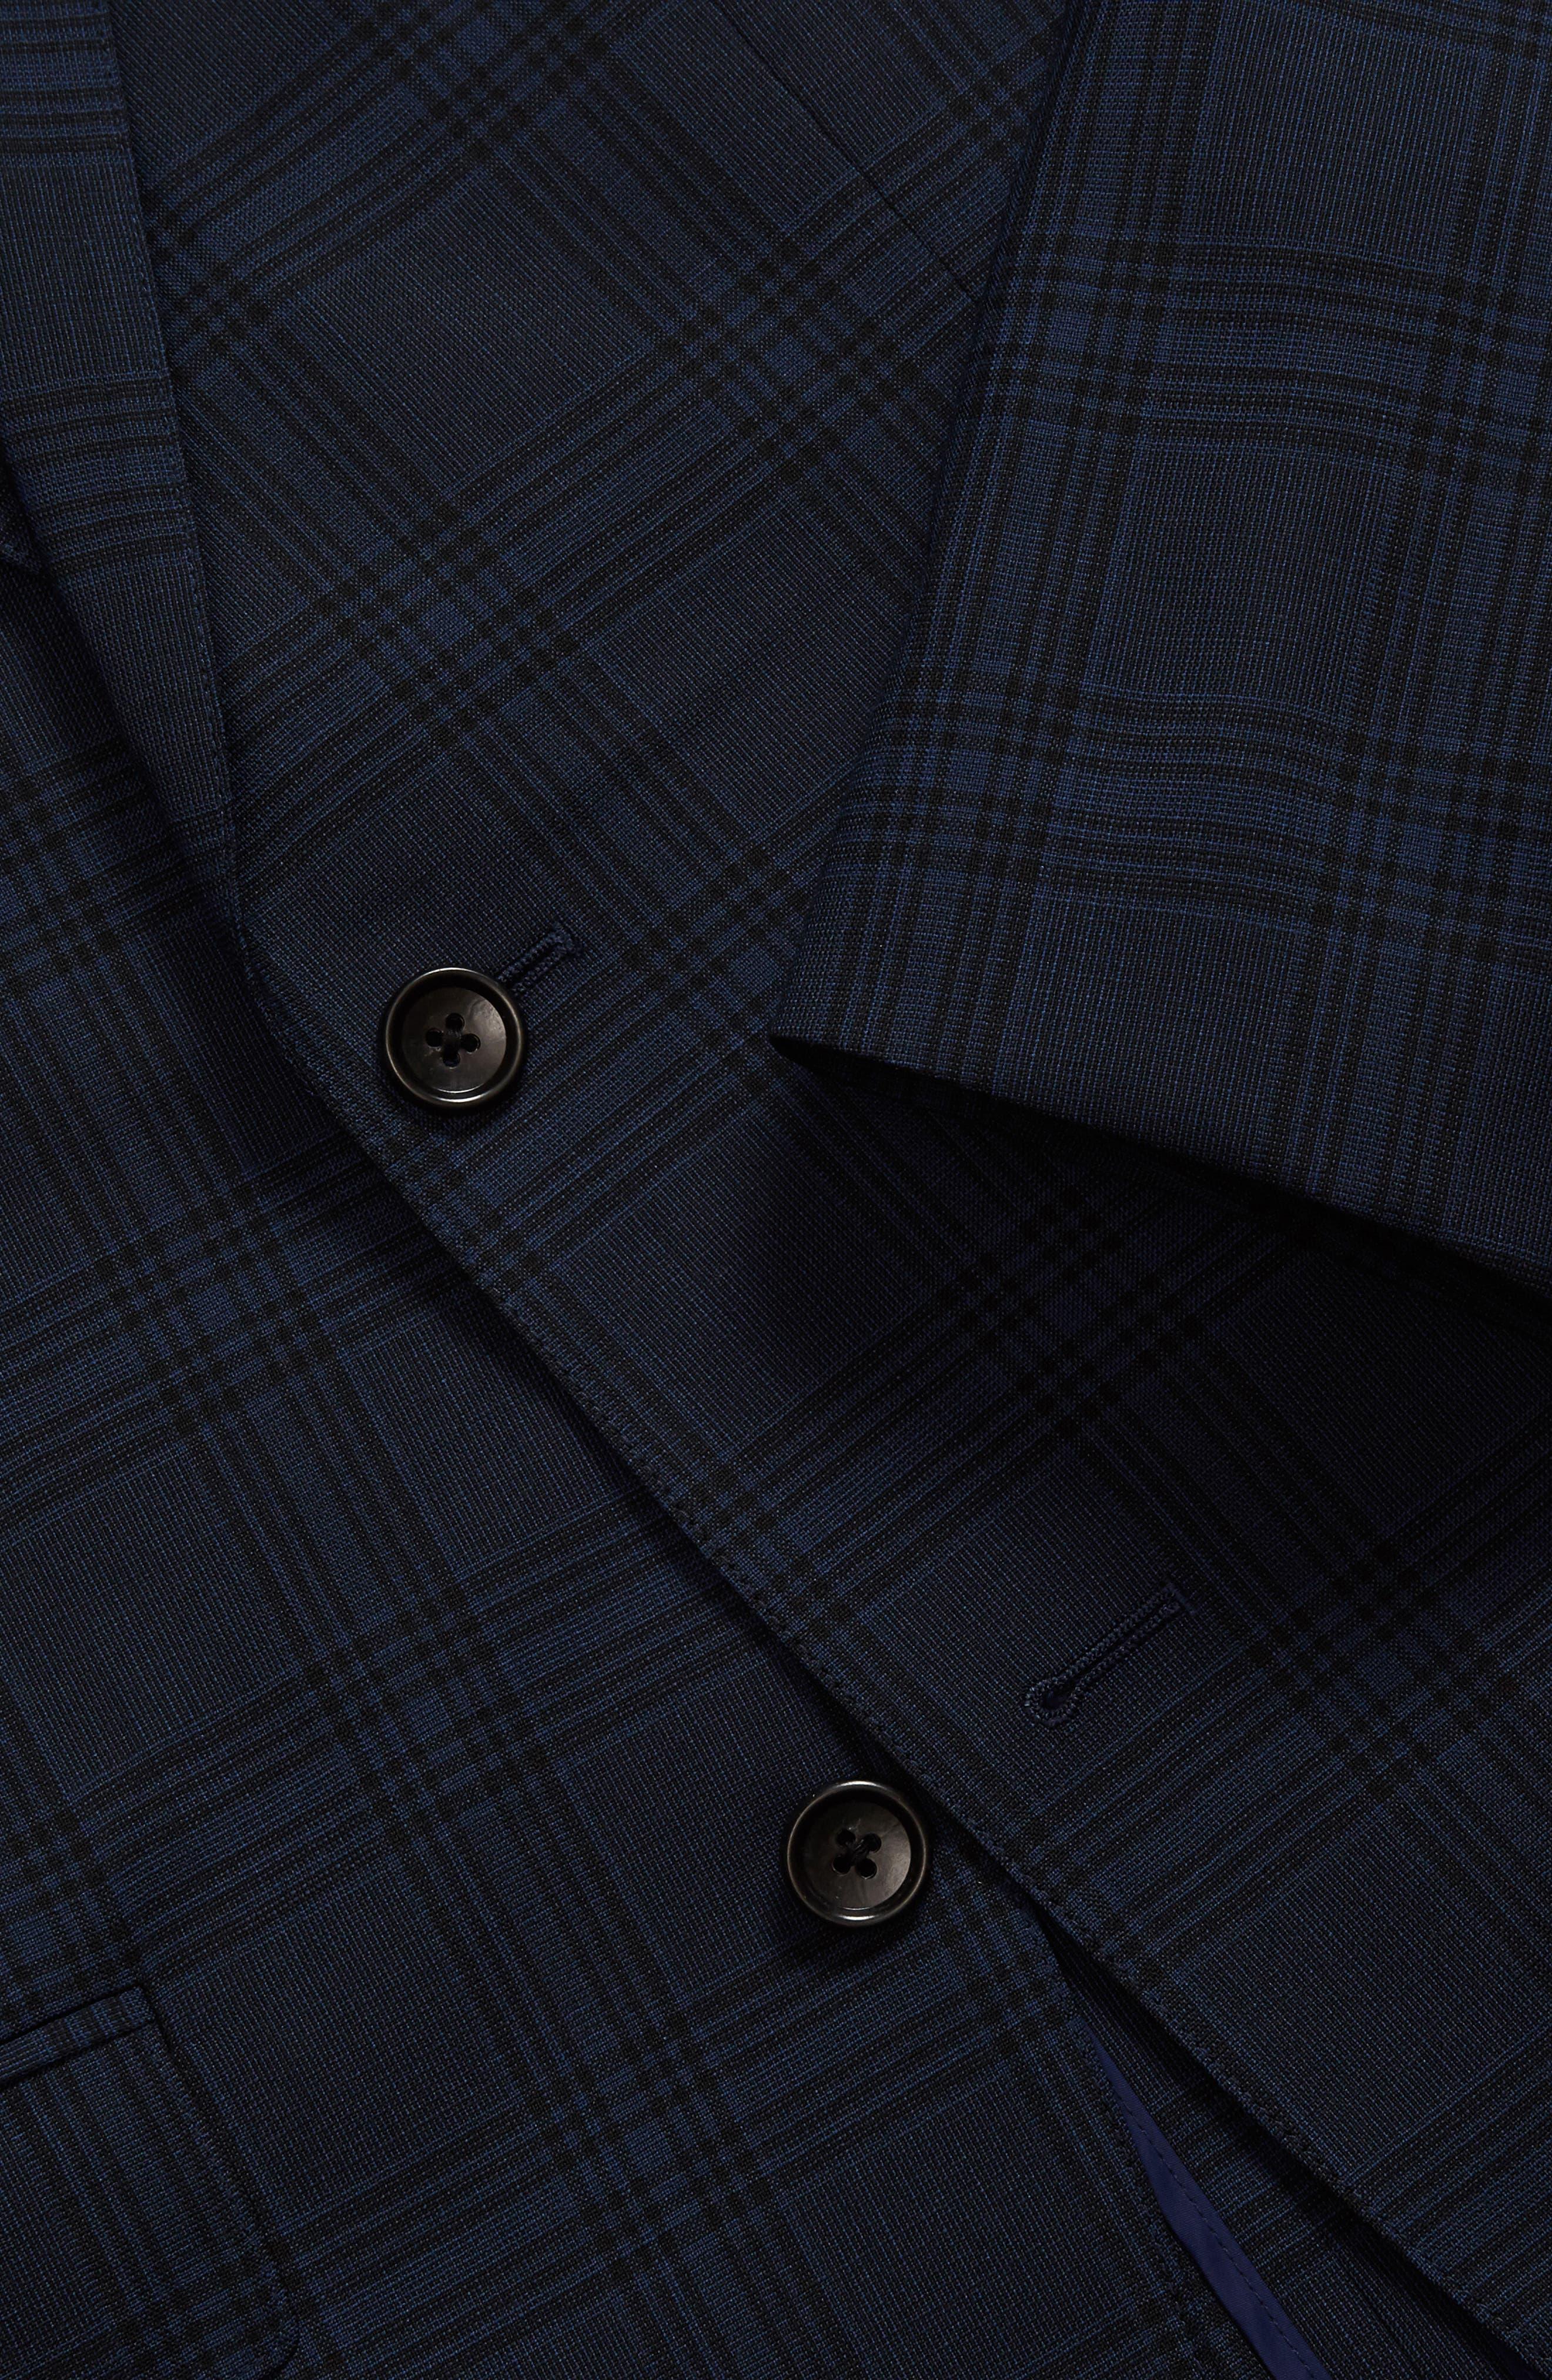 Jetsetter Trim Fit Stretch Plaid Wool Blend Suit Jacket,                             Alternate thumbnail 3, color,                             400